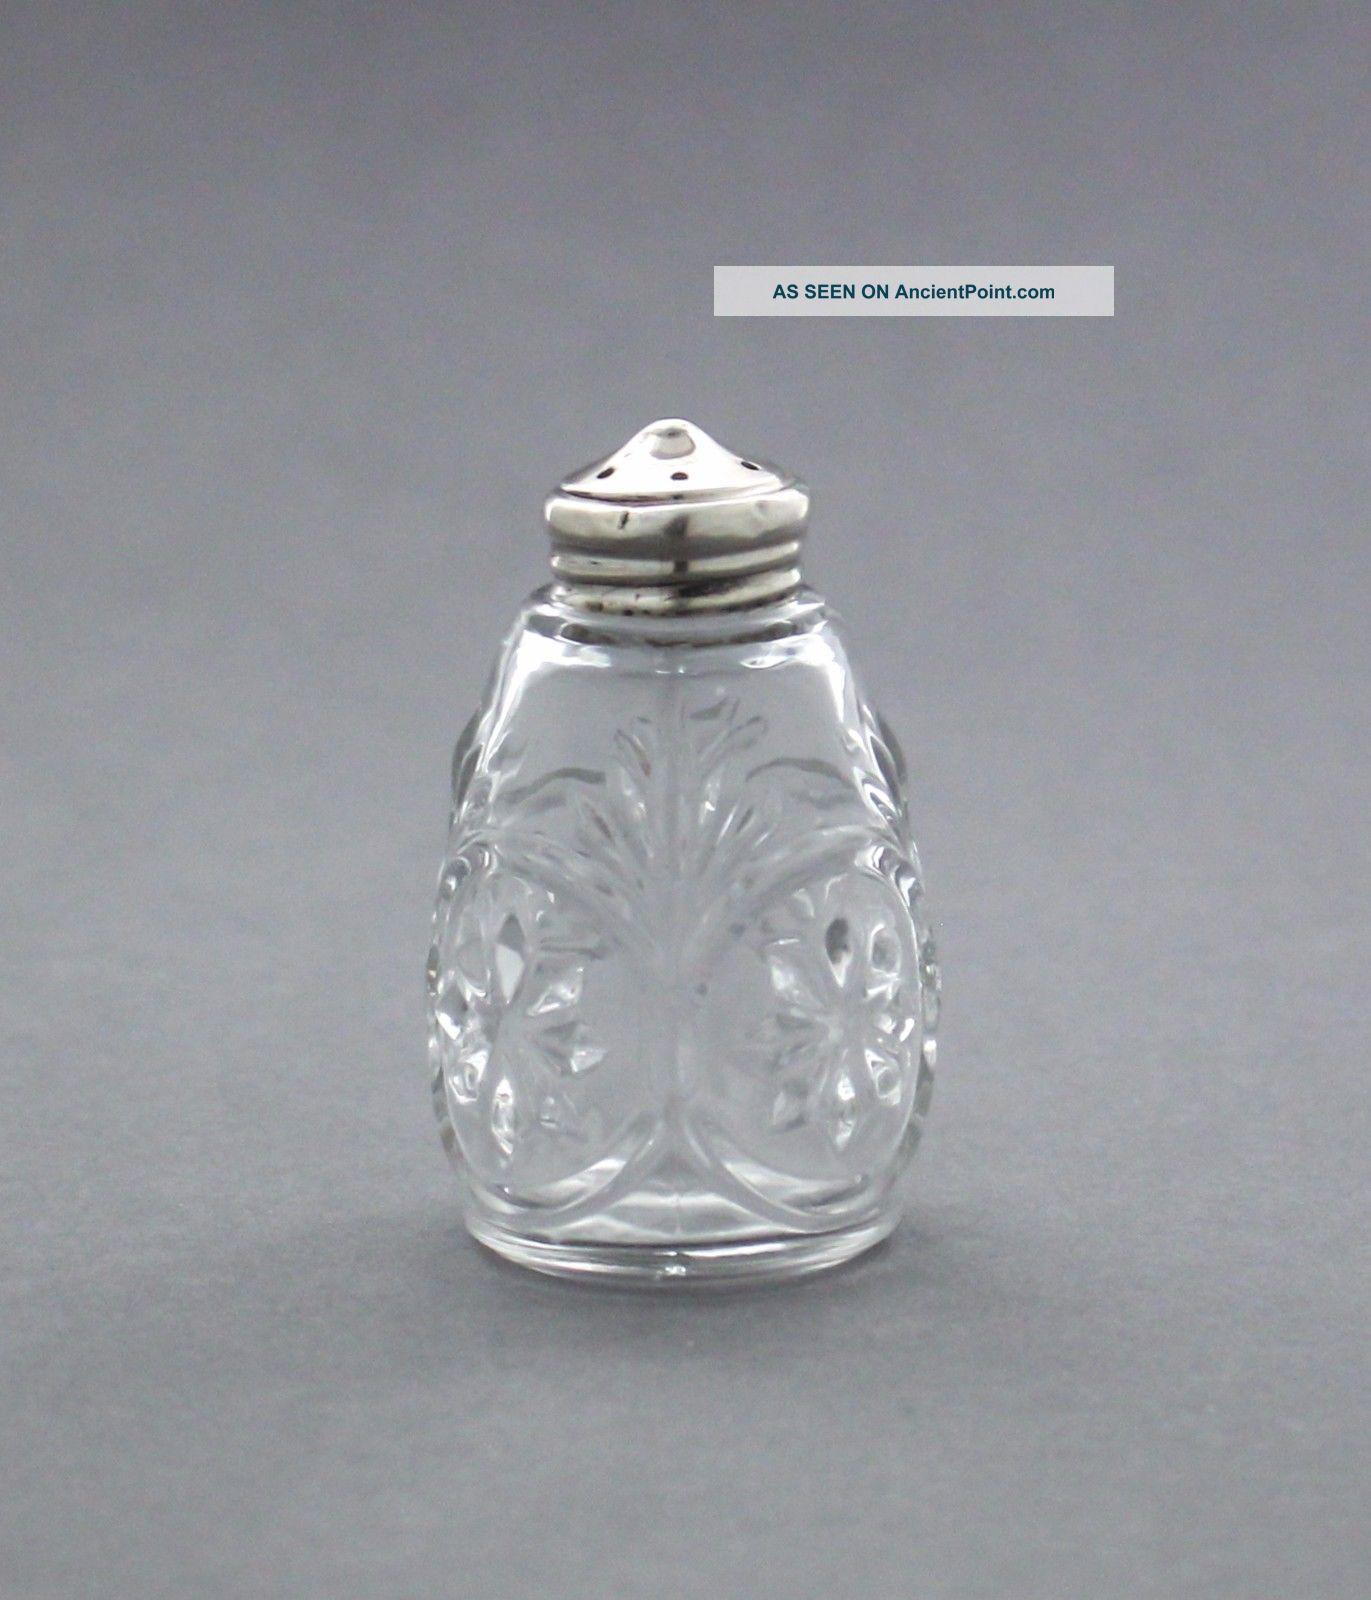 Vintage Pressed Glass Salt Pepper Shaker/pepperette Sterling Silver Top Salt & Pepper Shakers photo